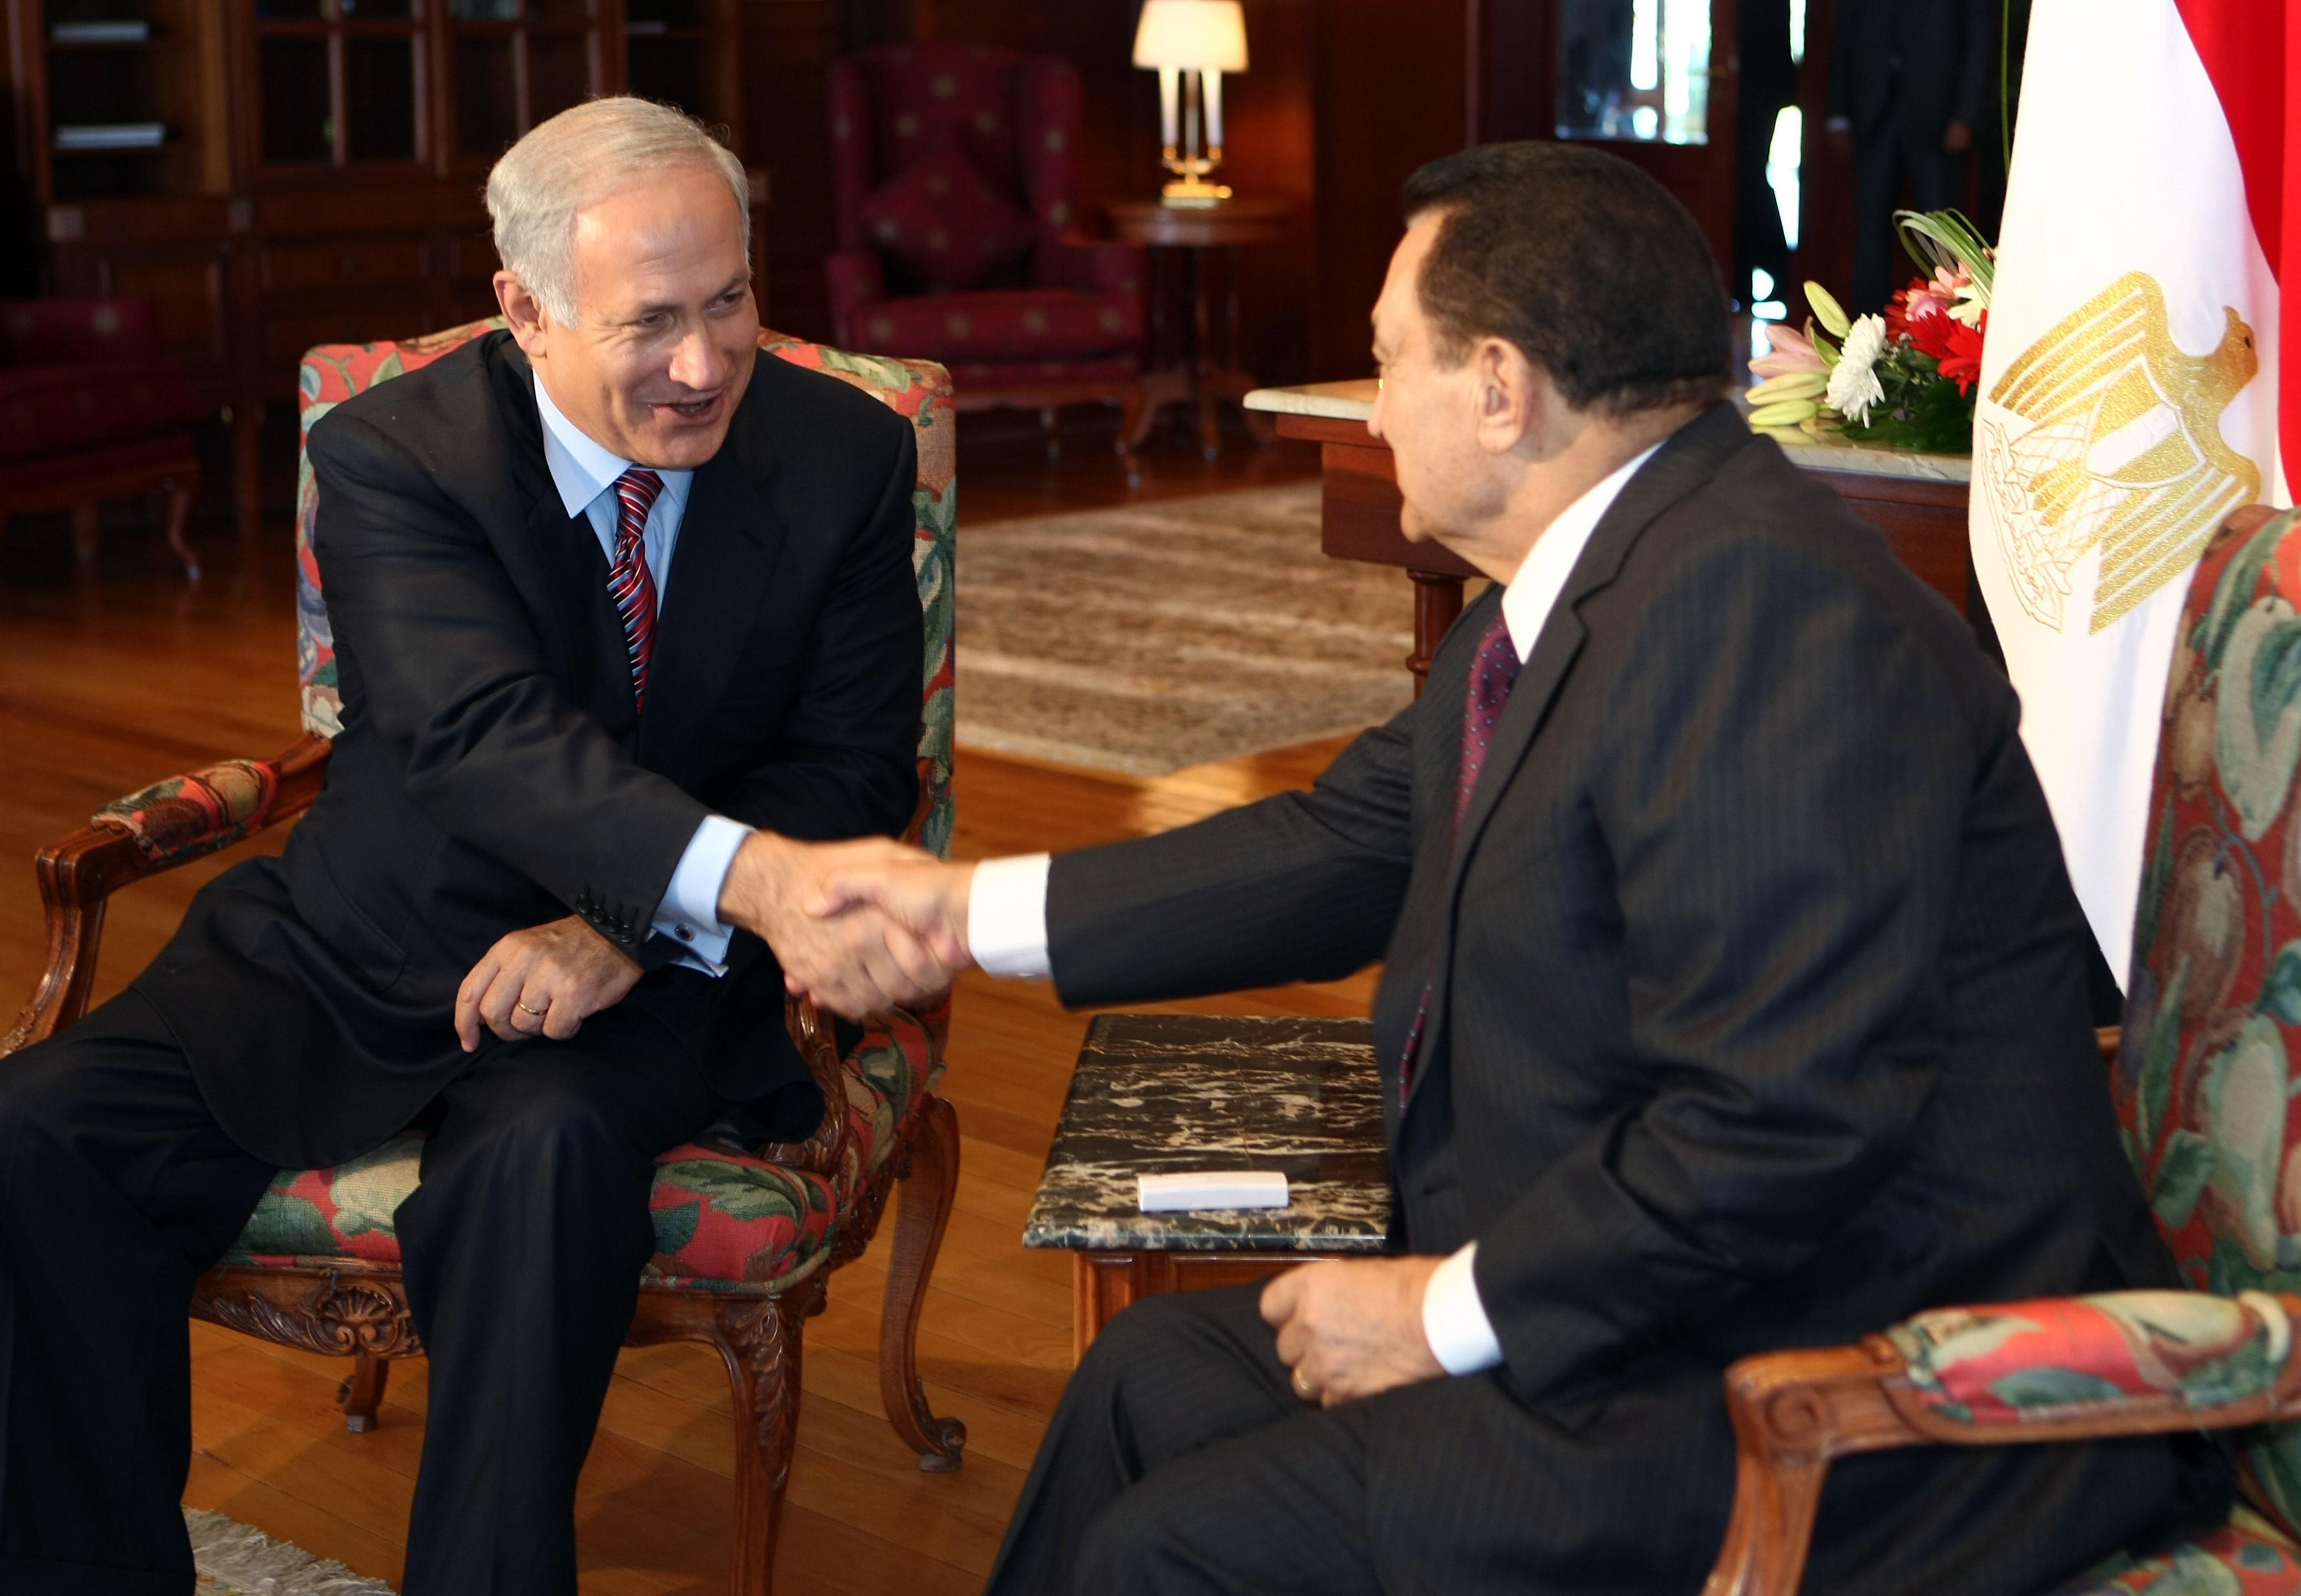 الرئيس المصري الأسبق حسني مبارك يصافح رئيس وزراء الاحتلال بنيامين نتنياهو، خلال اجتماع في شرم الشيخ مايو 2009.jpg